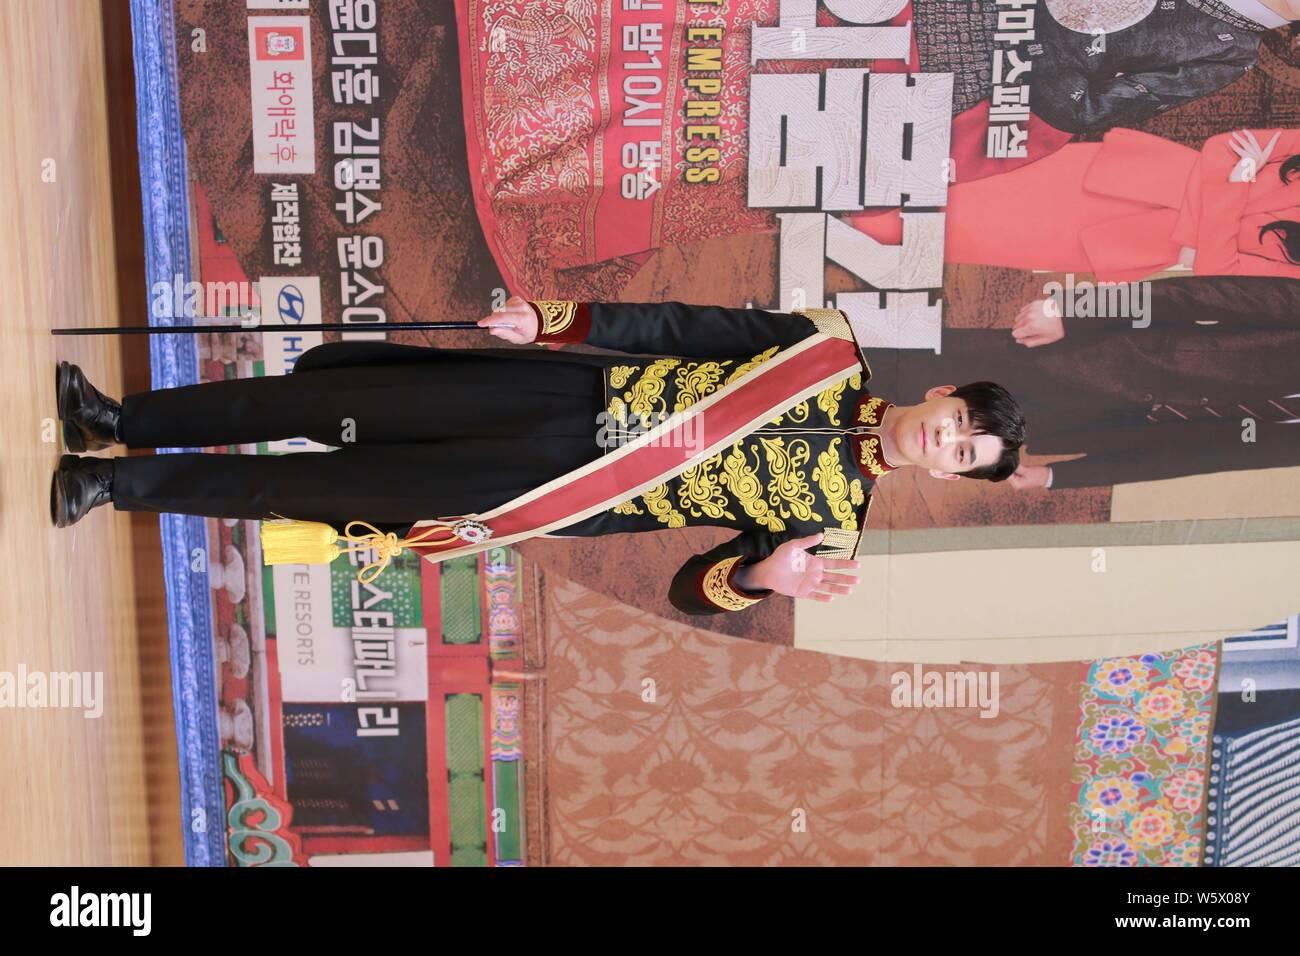 Shin Sung Rok Stock Photos & Shin Sung Rok Stock Images - Alamy